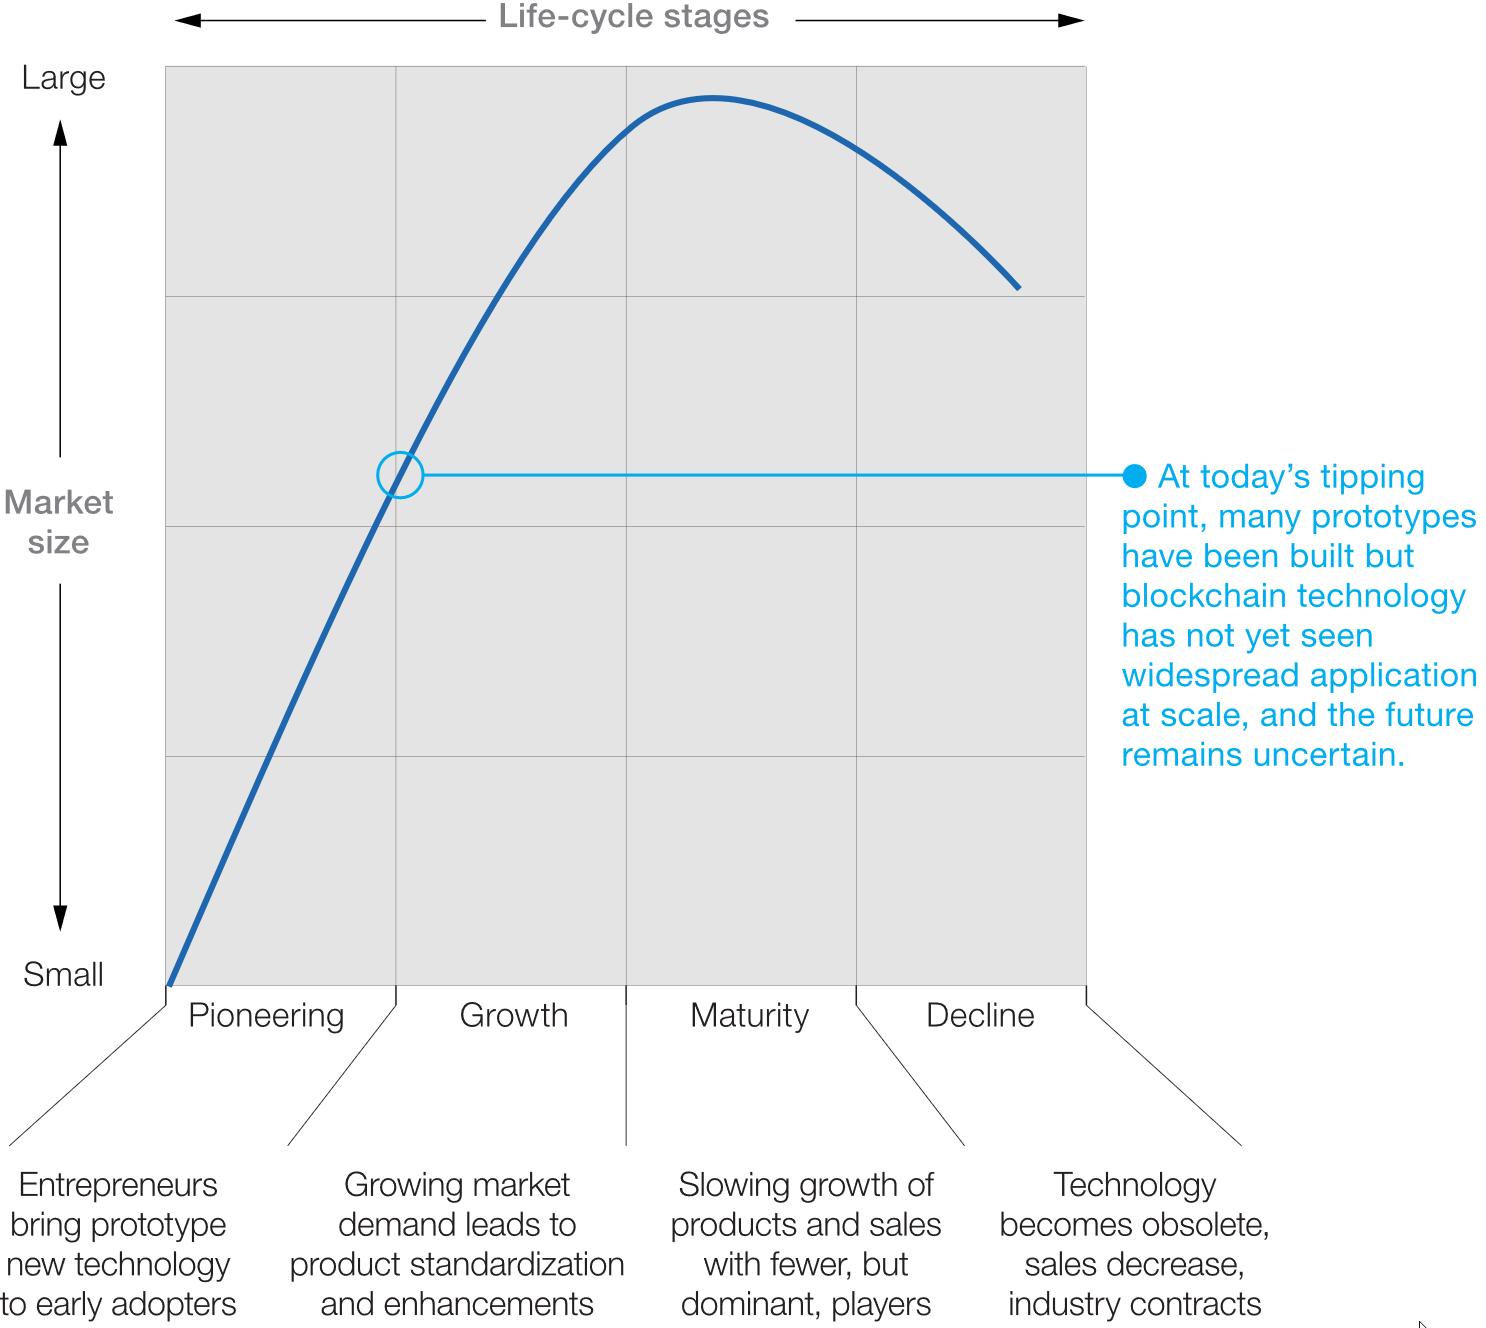 Lebenszyklusstufe der Blockchain nach Marktgröße